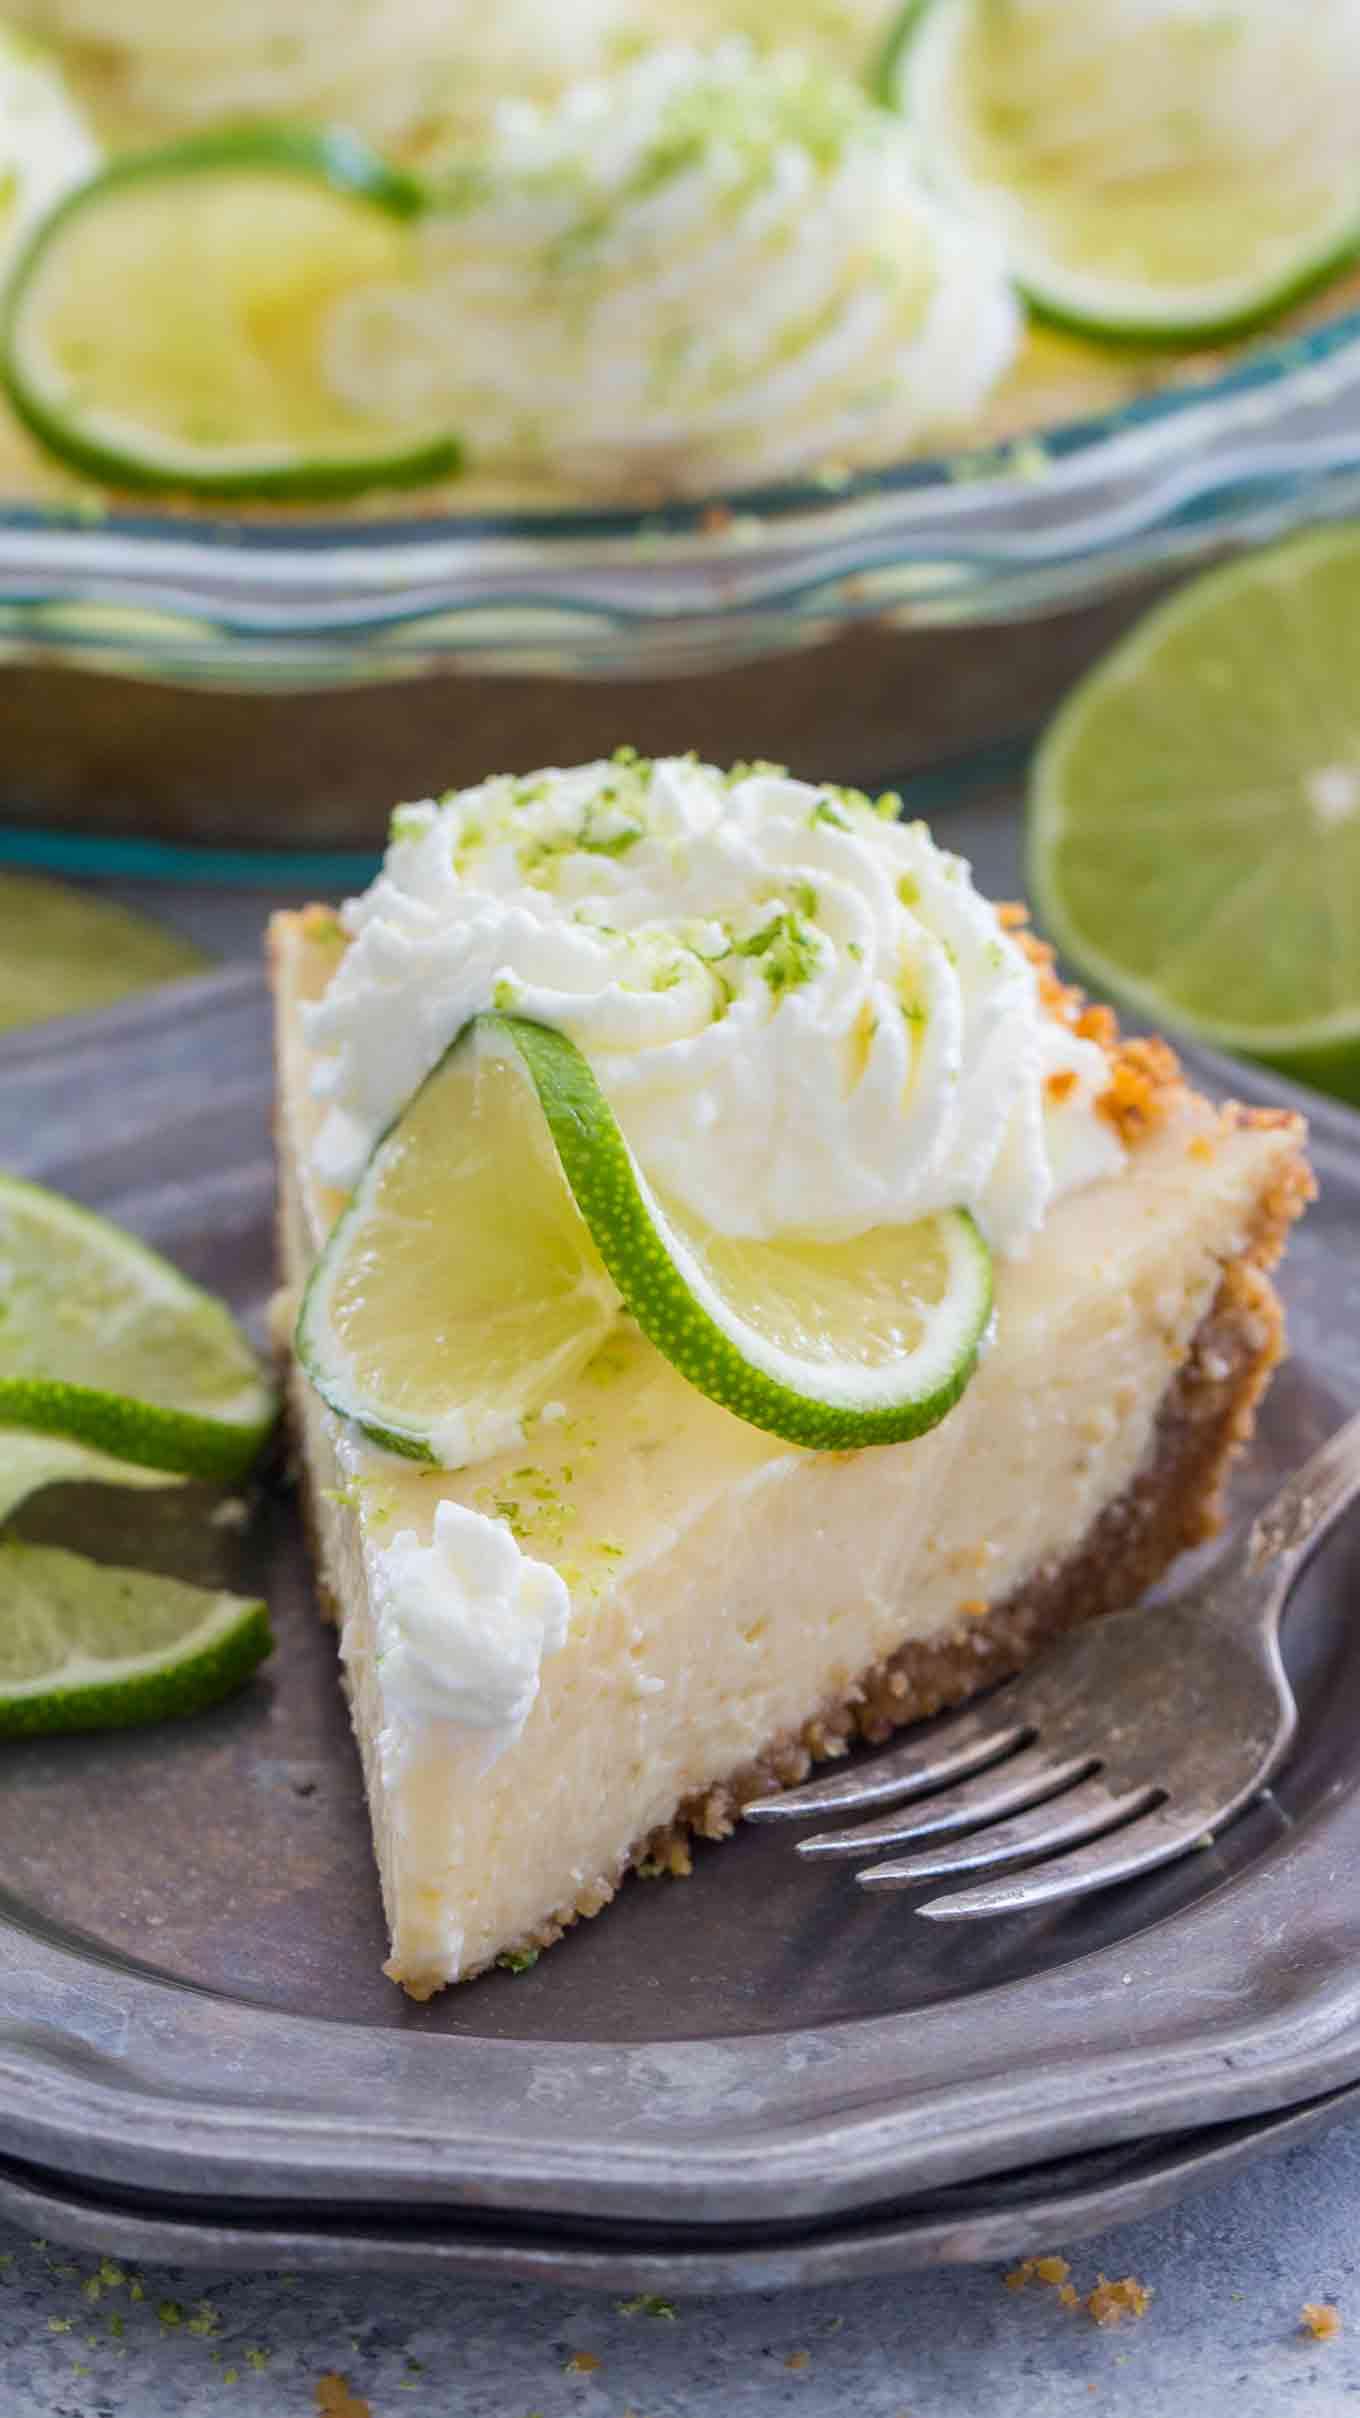 11.5 Ingredient Key Lime Pie